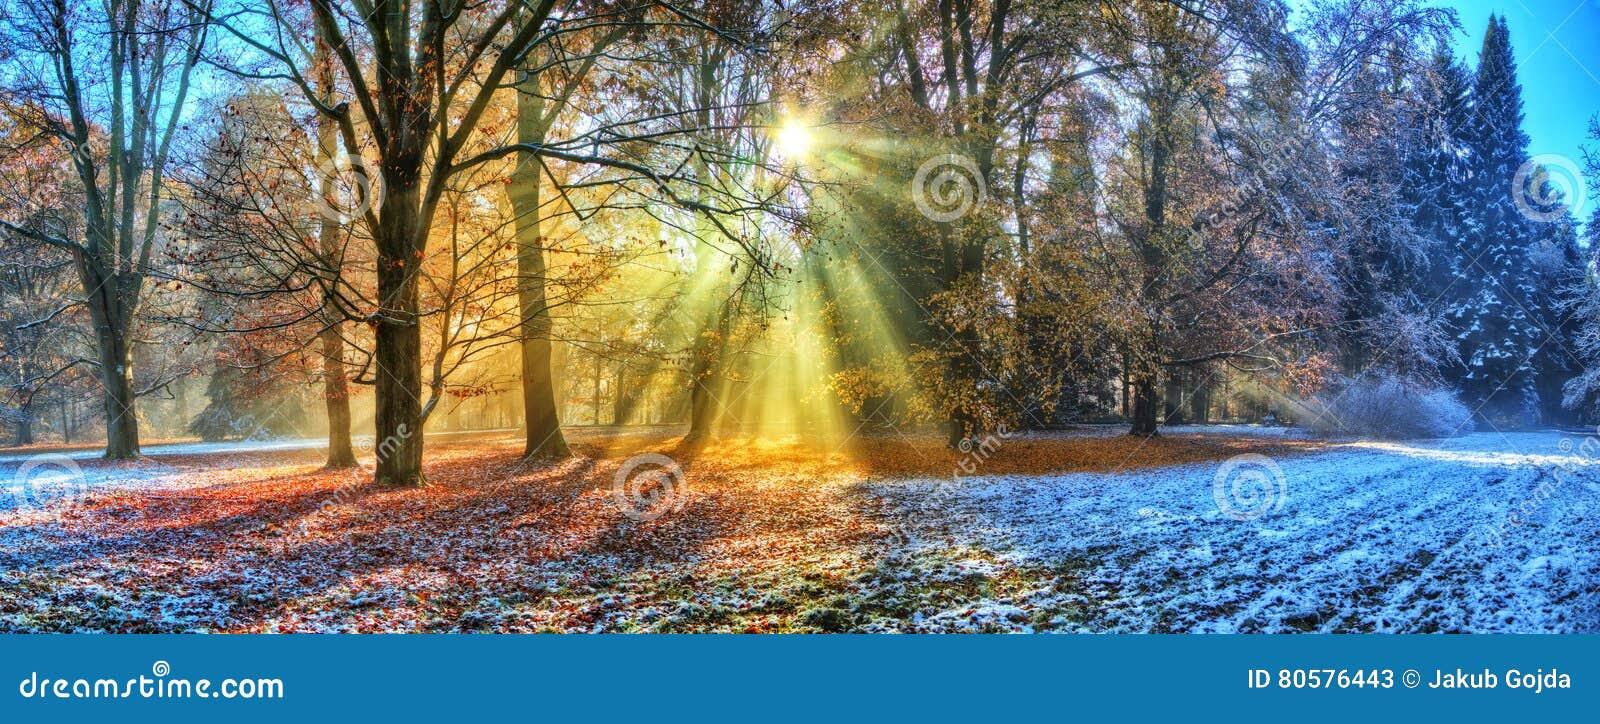 Rayos solares de la mañana en bosque del invierno